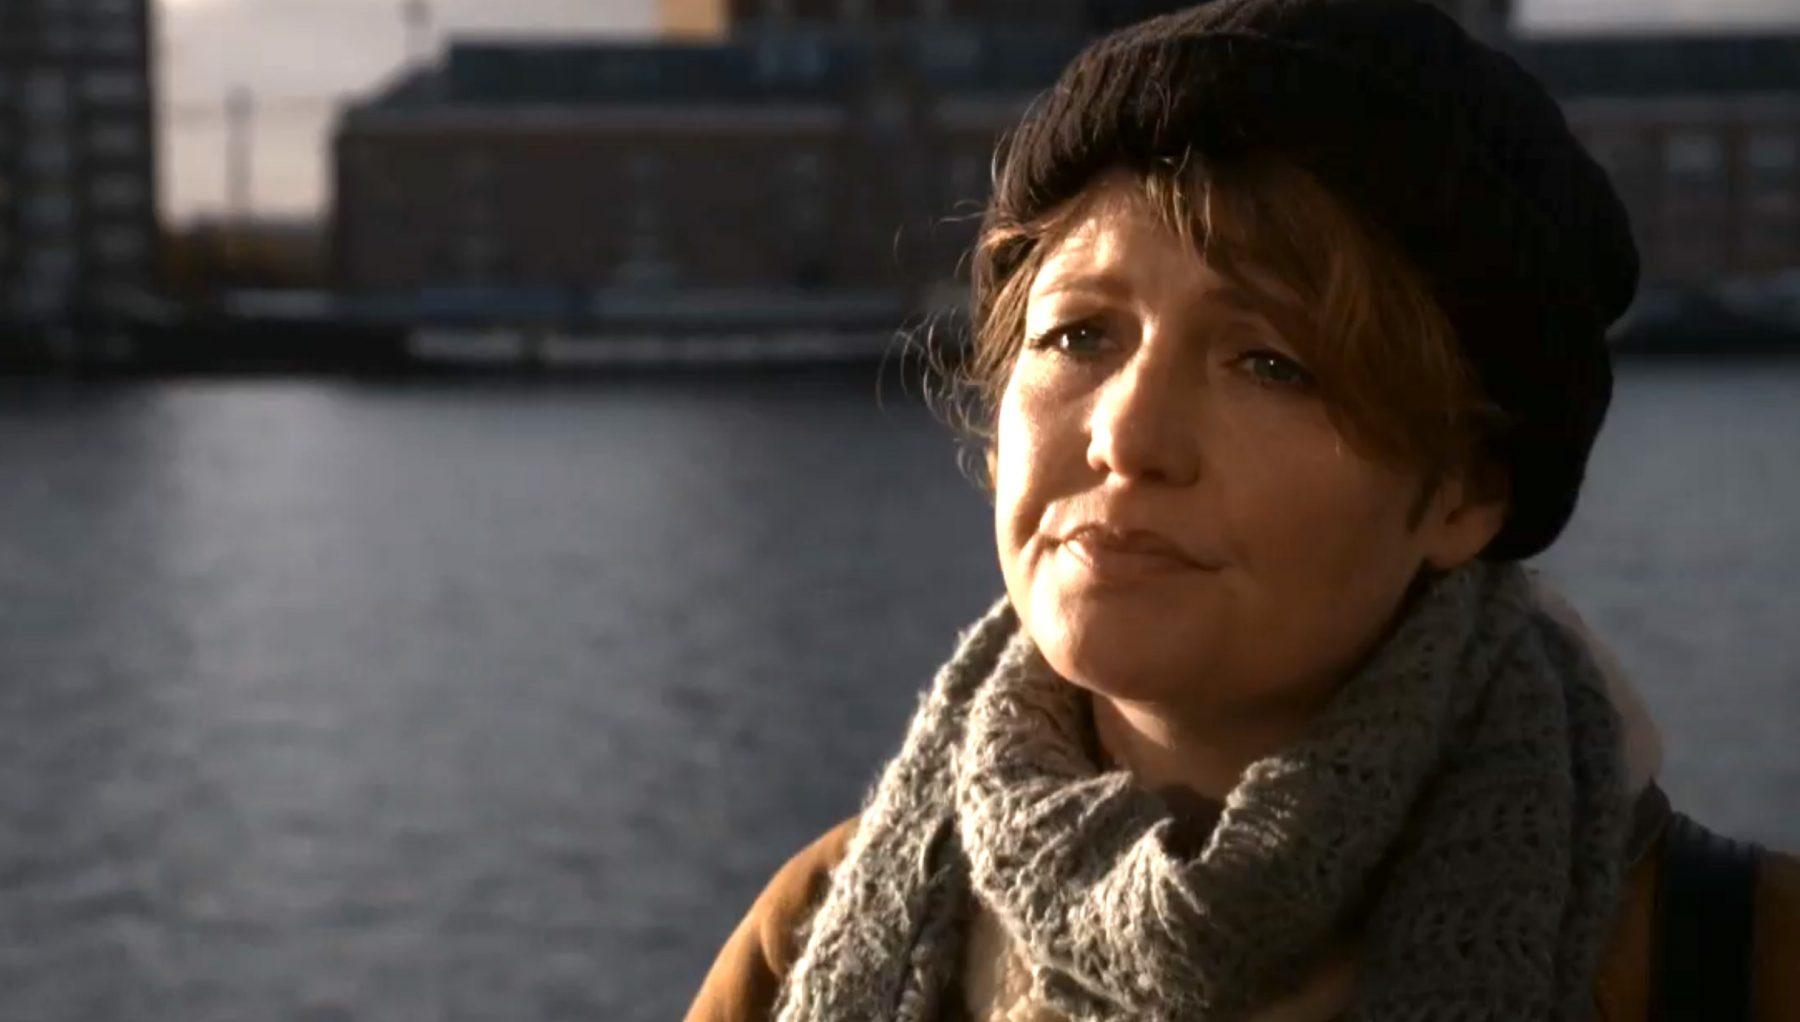 klimaatdepressie-klimaatstress-vrouwen-nieuwsuur